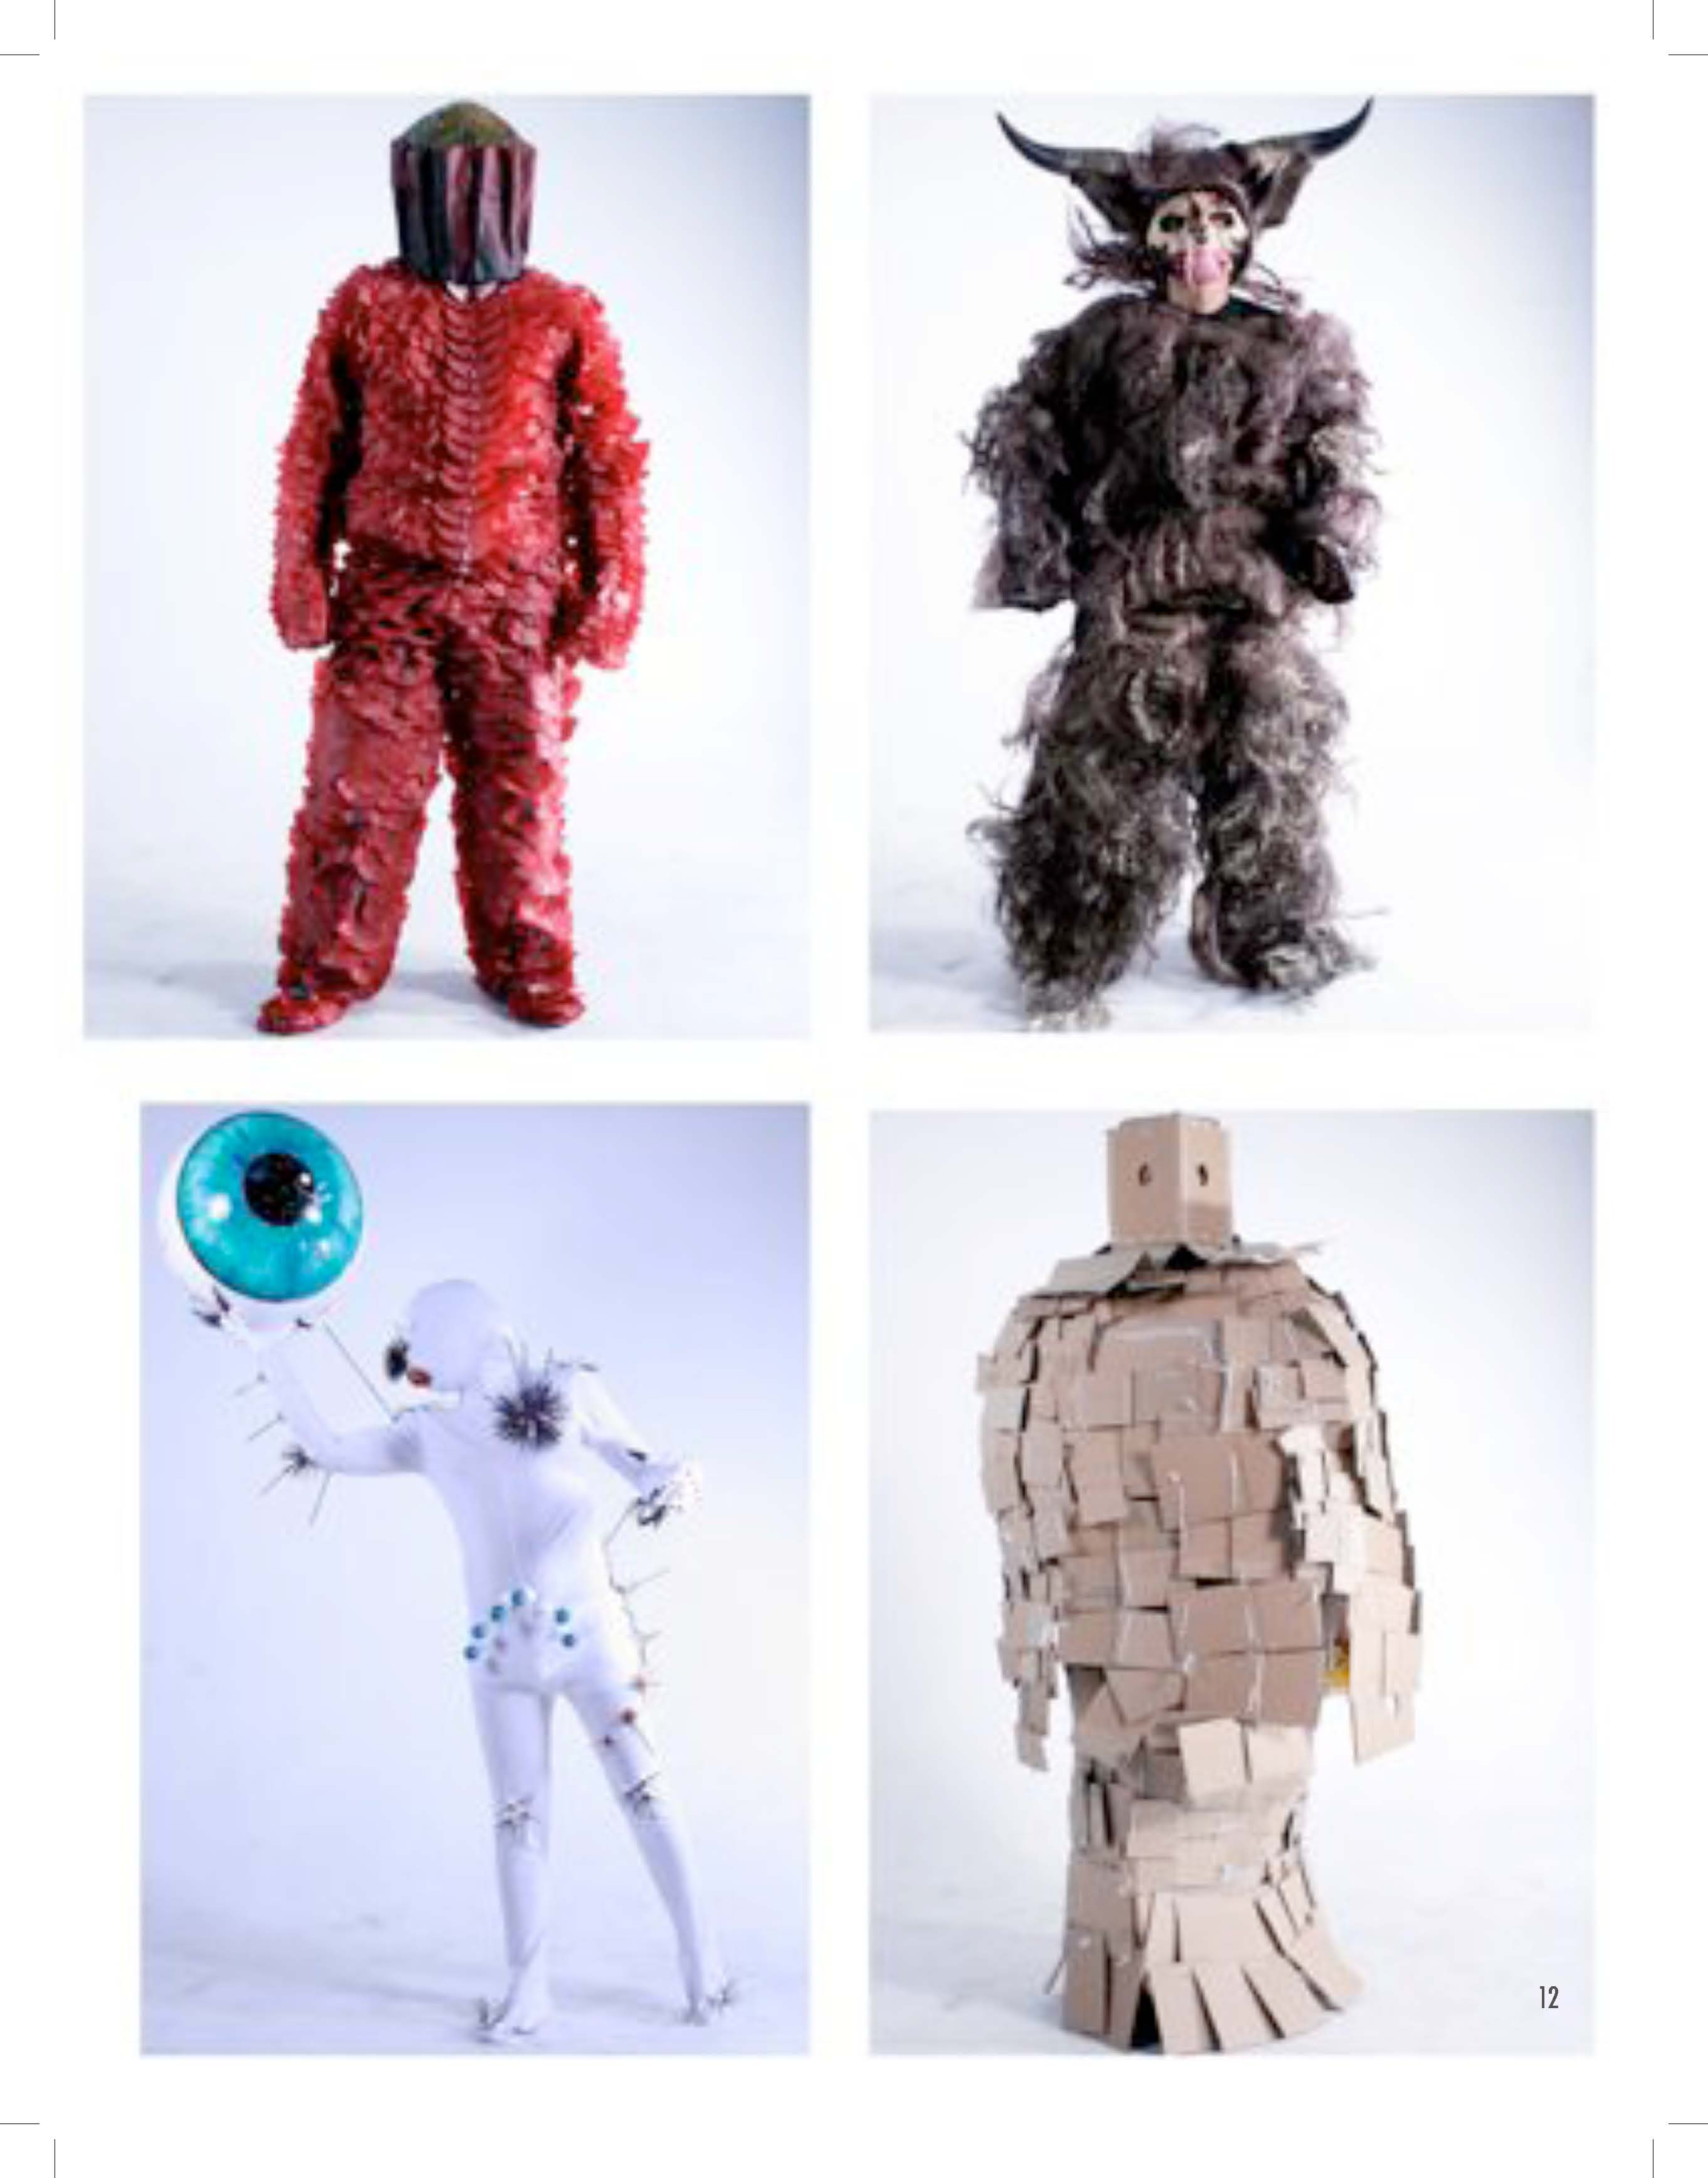 2010 PDF catalogo vestuarios escultoricos_Página_13.jpg